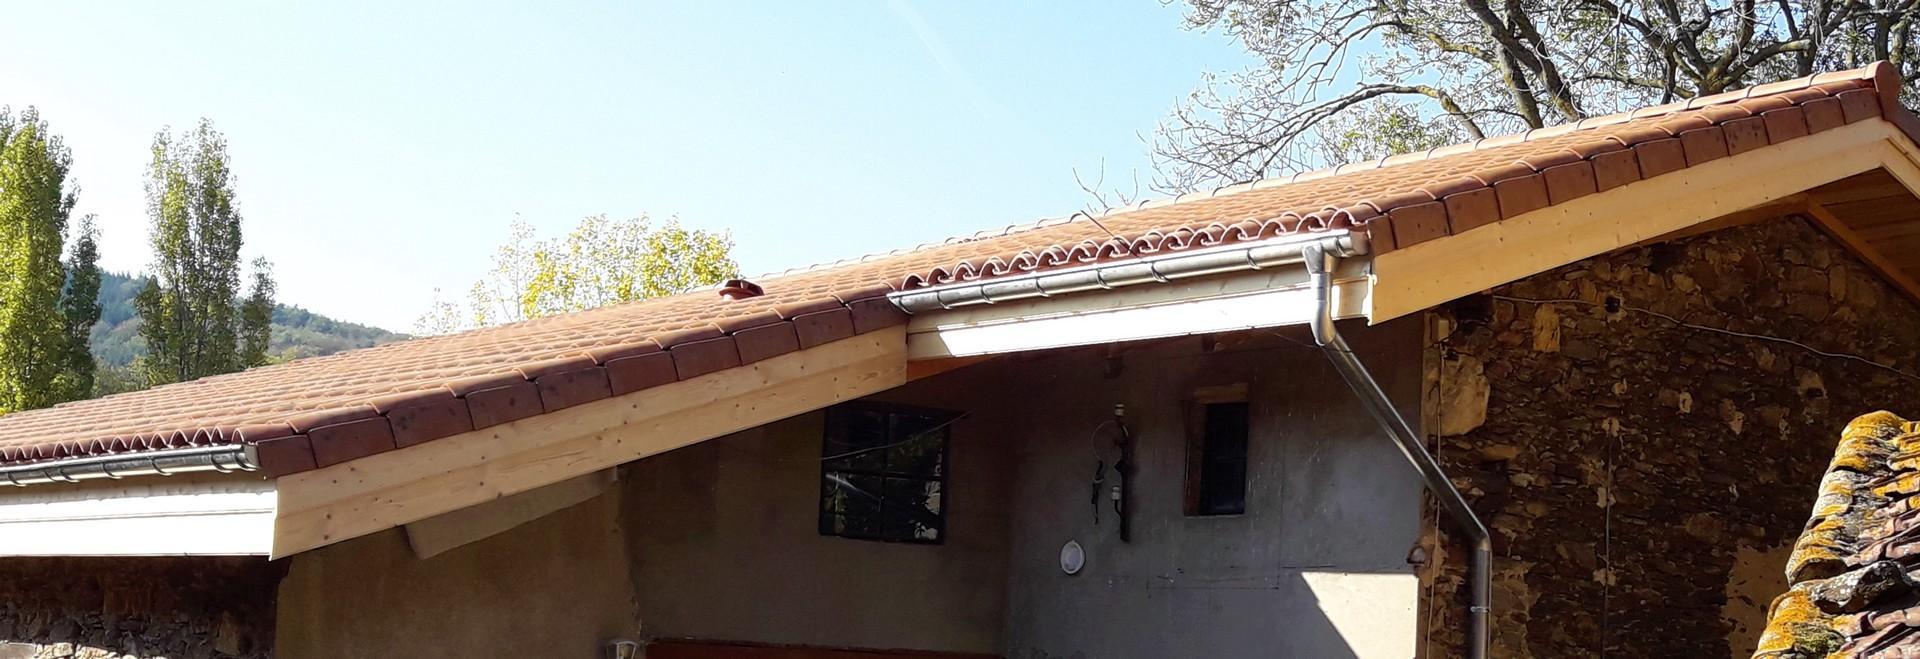 isolation toiture par sarking